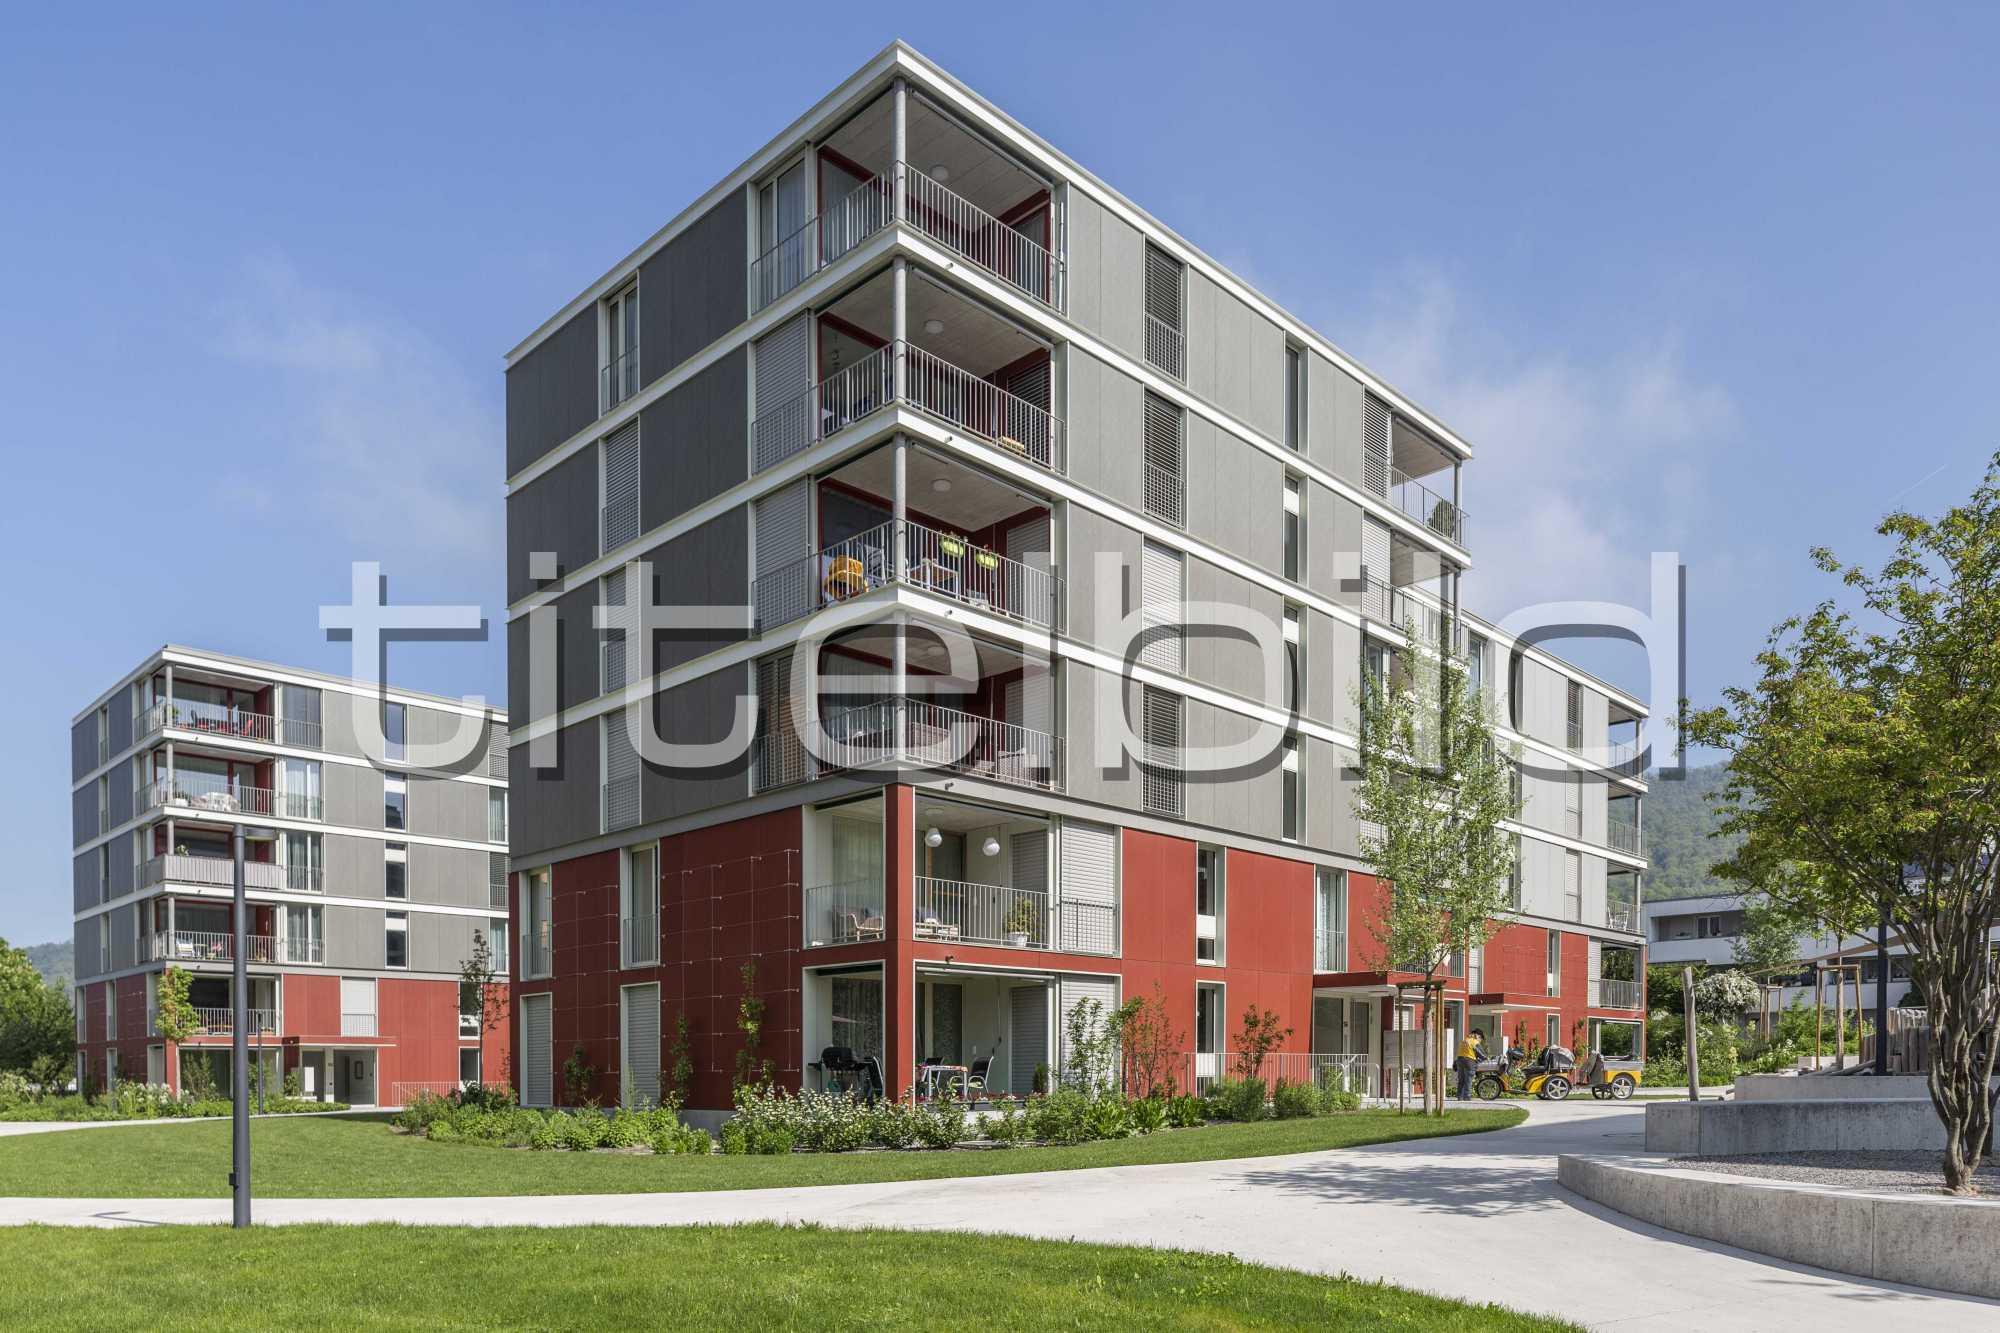 Projektbild-Nr. 0: Wohnüberbauung Sulperg 2